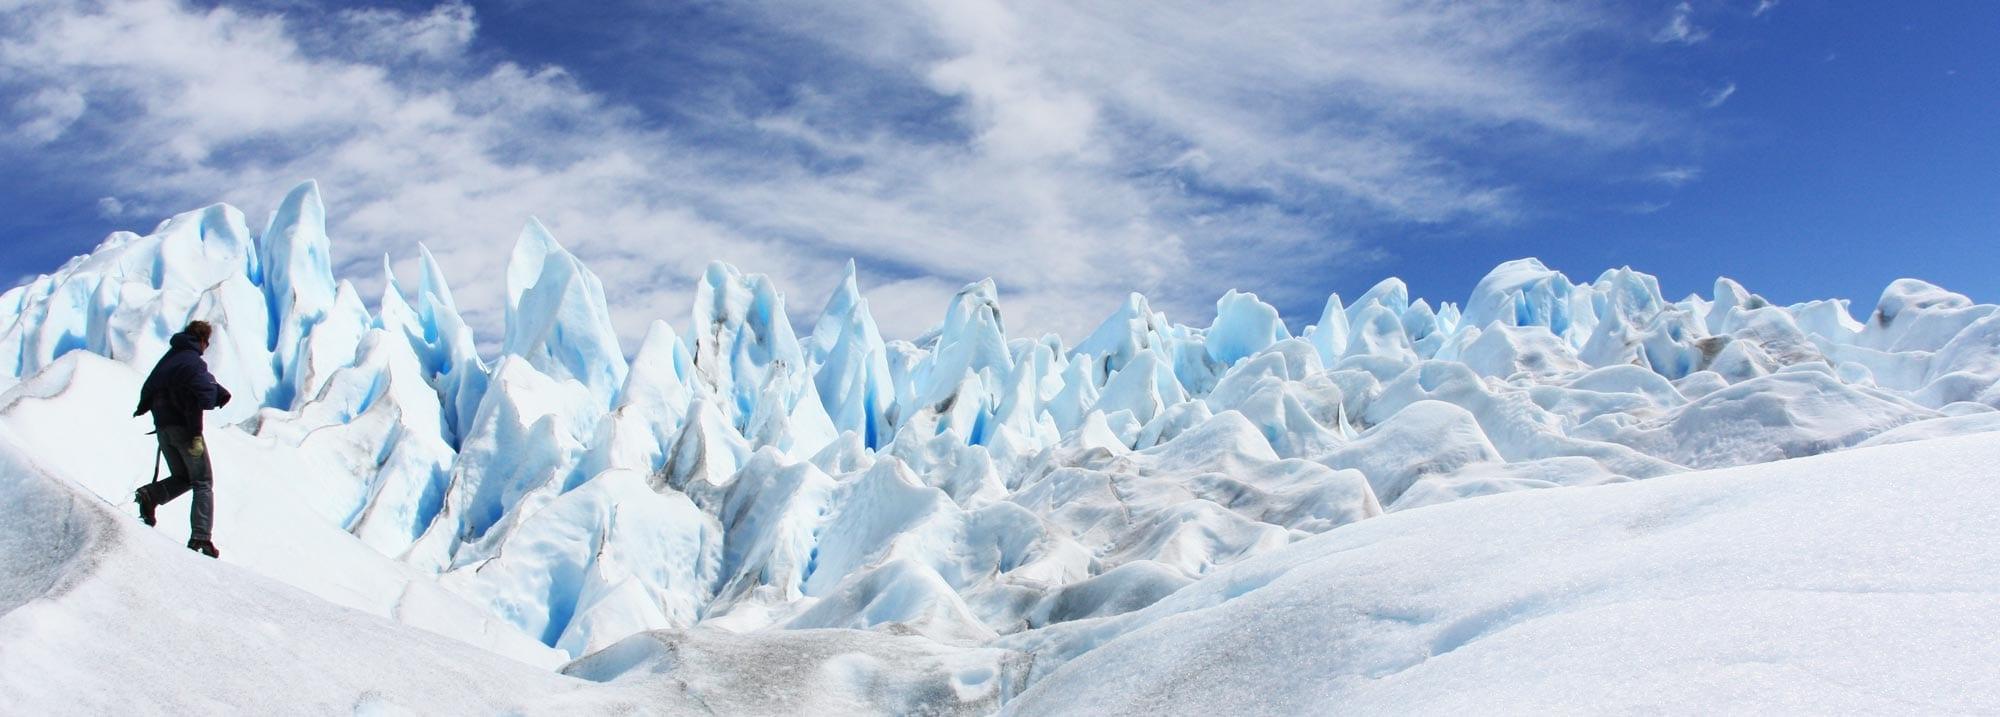 Для водного-солевого баланса был изображен ледник, с которого все человечество получает воду